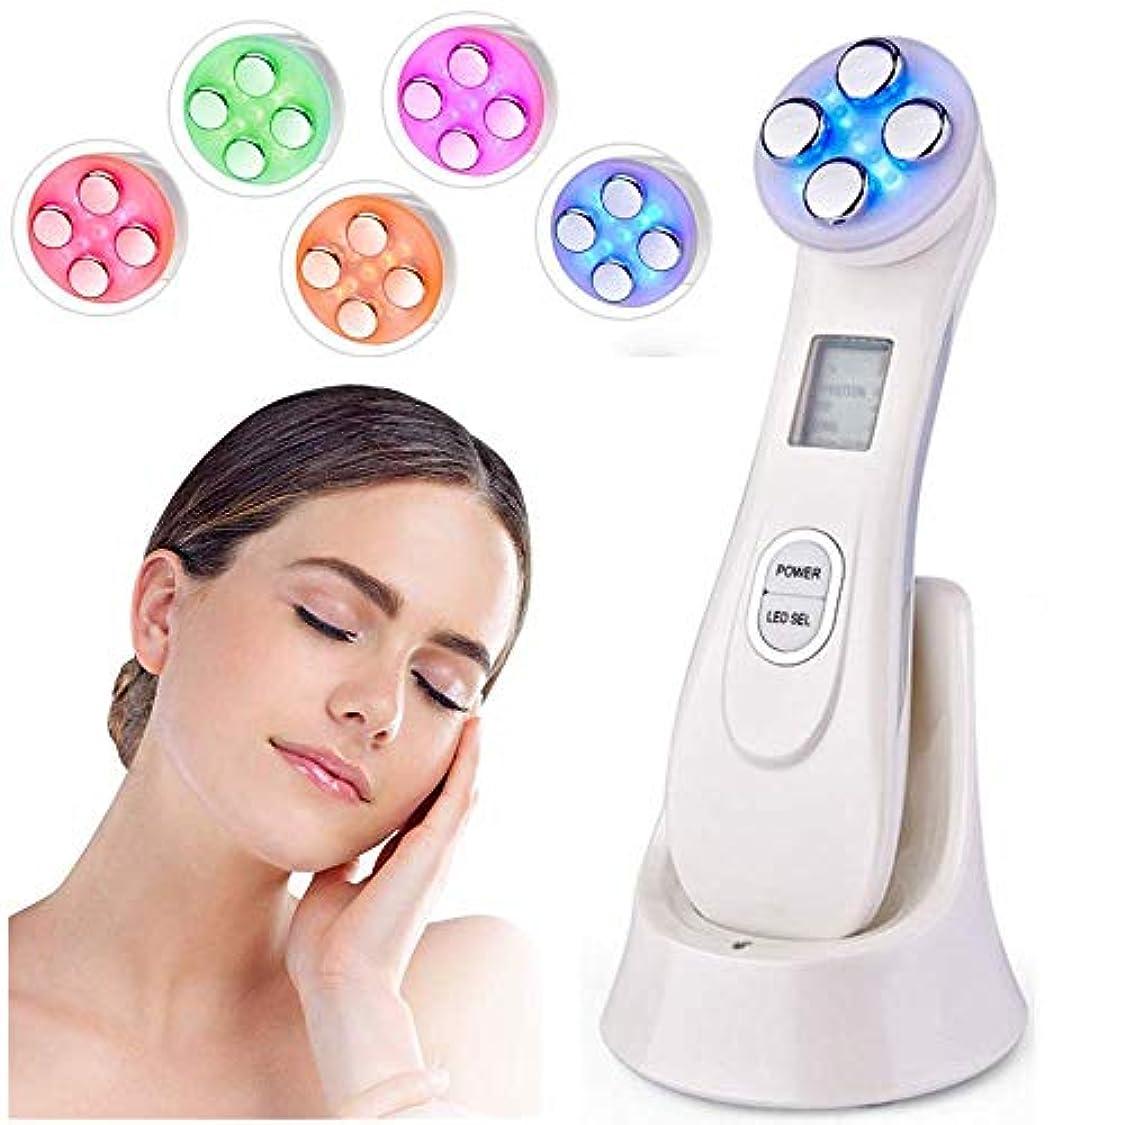 より良いハーフスタンドRF EMS LEDライトセラピー美容機顔の若返りしわ除去デバイス、顔のリフティングのために調整可能な6つの光モードで反しわを締めます